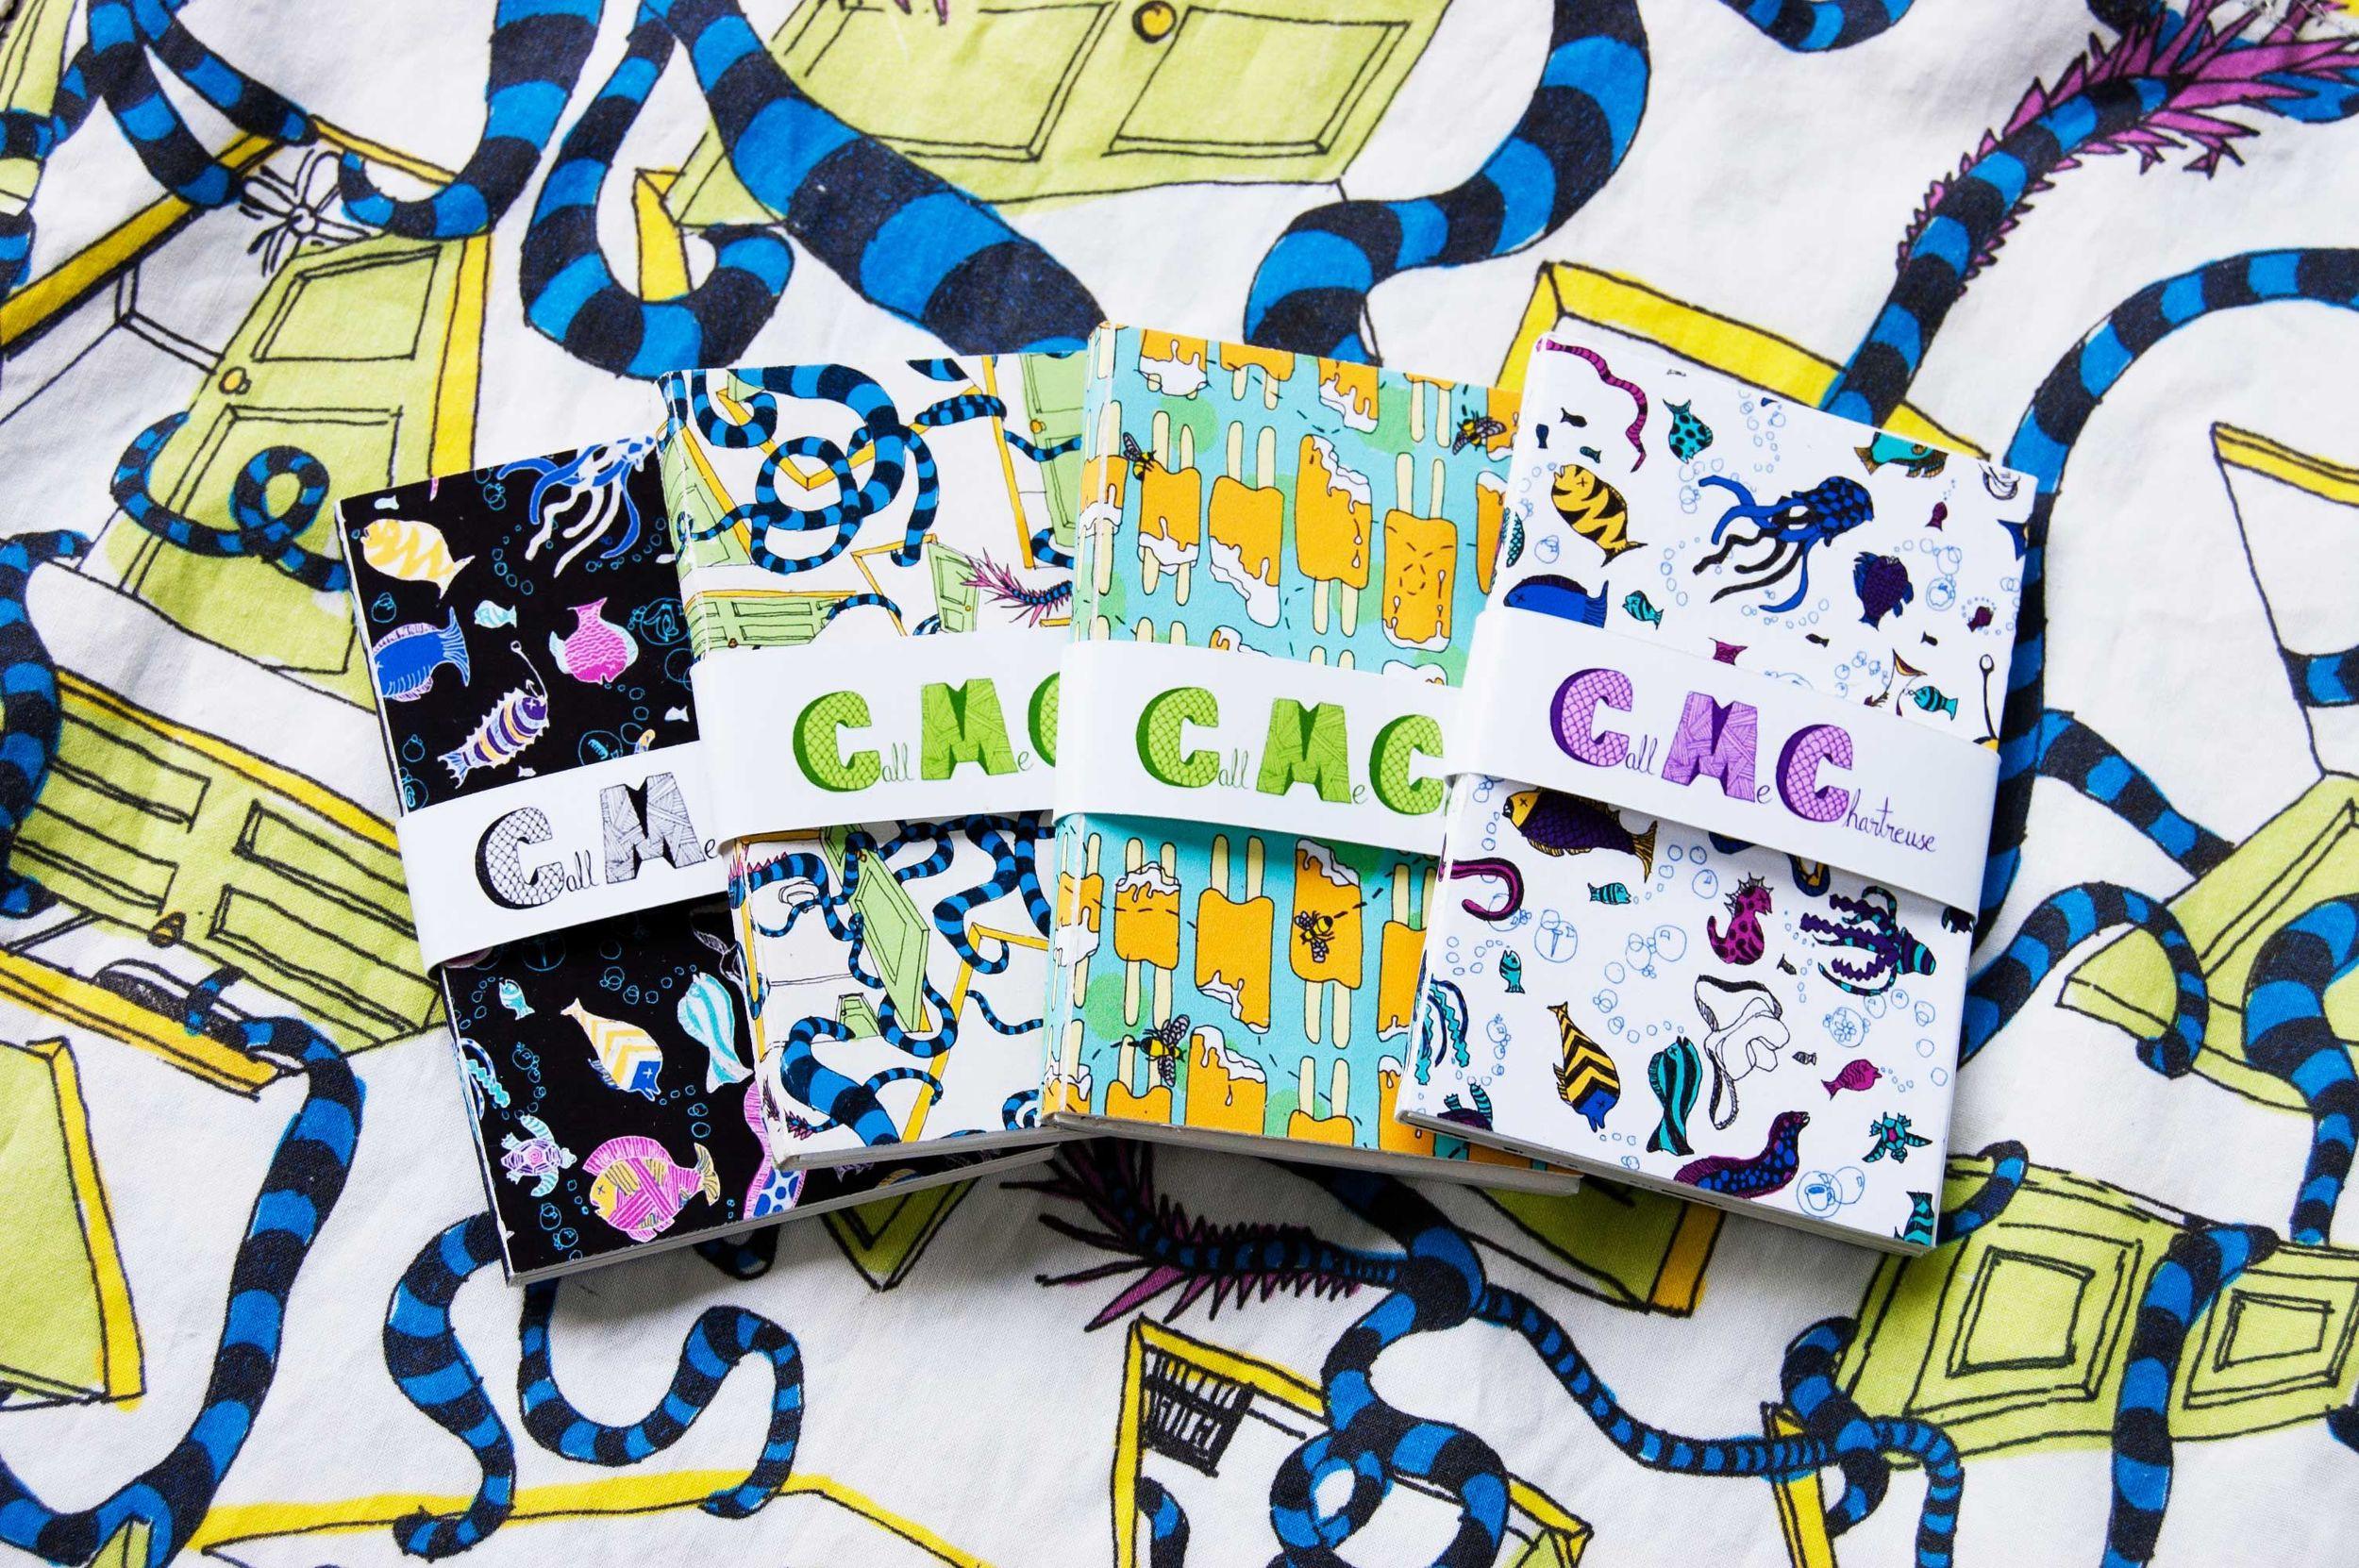 201107_cmc_photo2_02.jpg